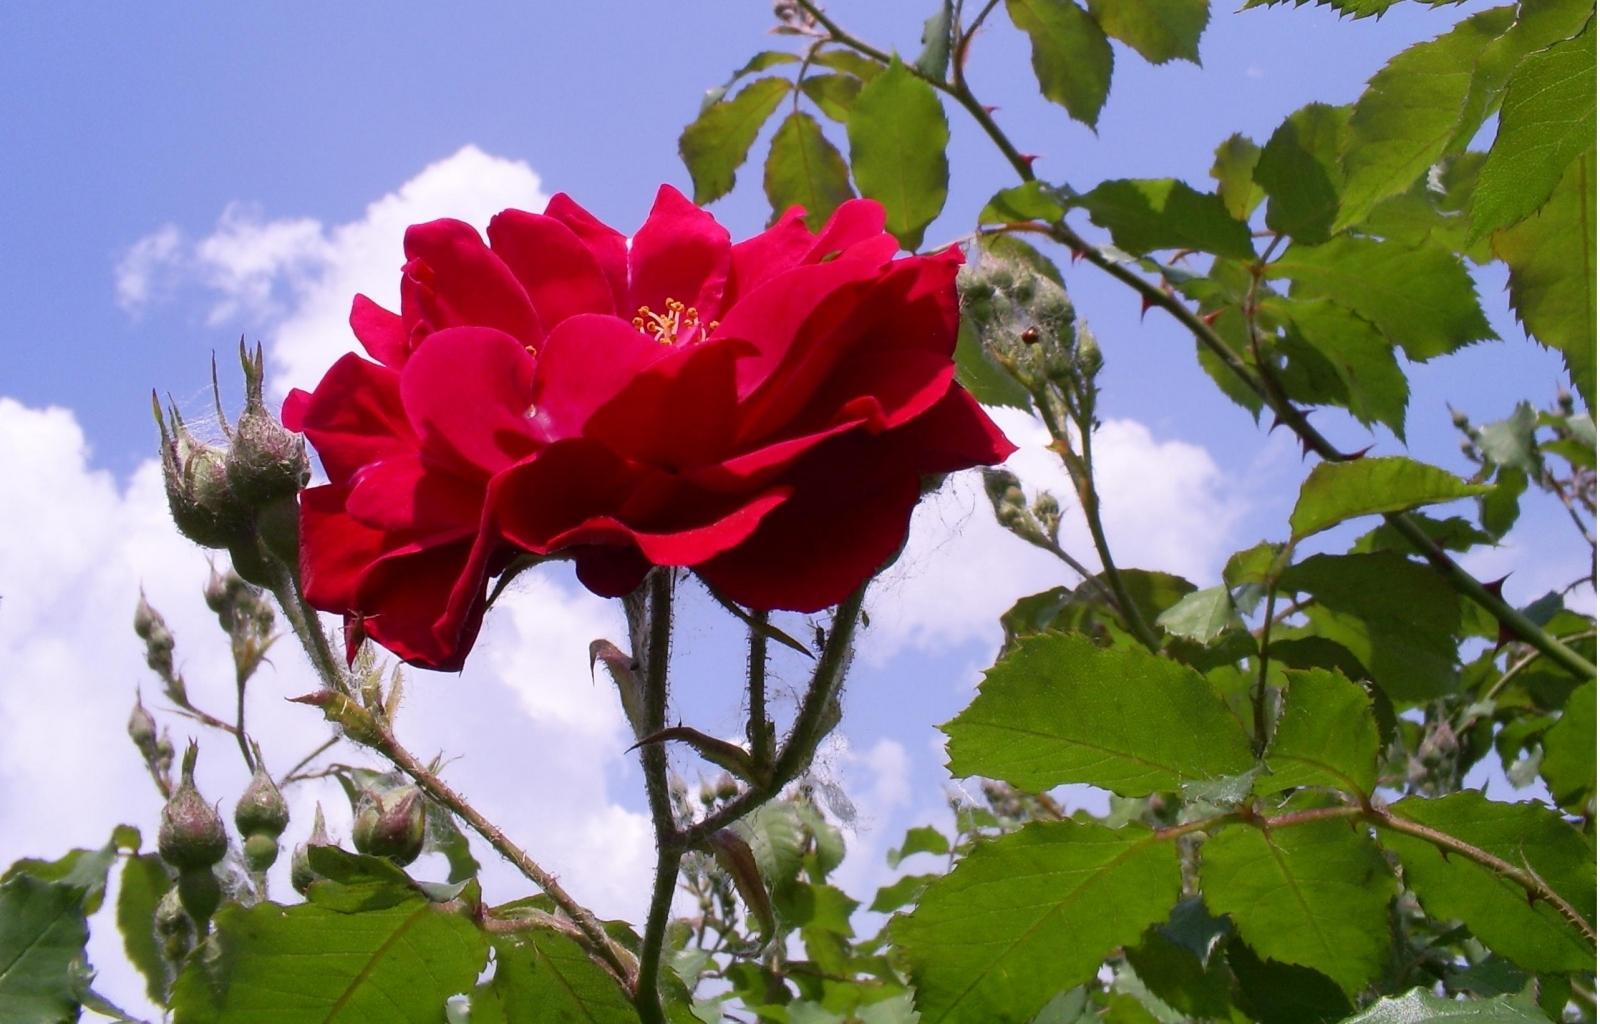 100 скачать обои Растения, Цветы, Розы - заставки и картинки бесплатно